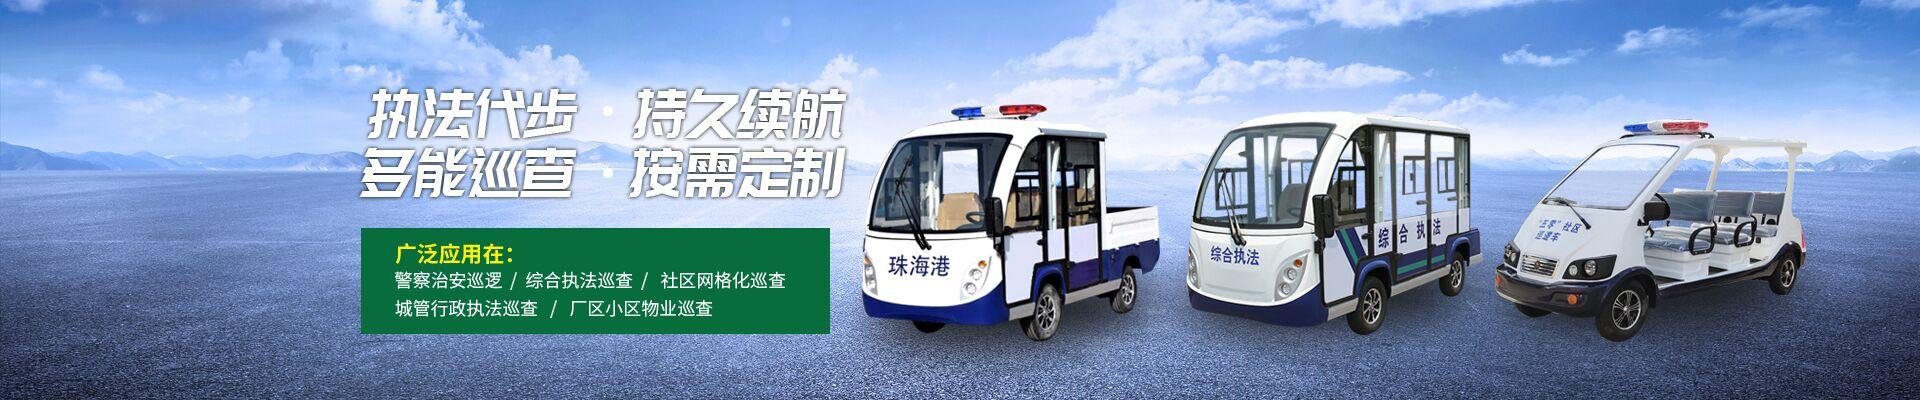 电动巡逻车-华锴电动车